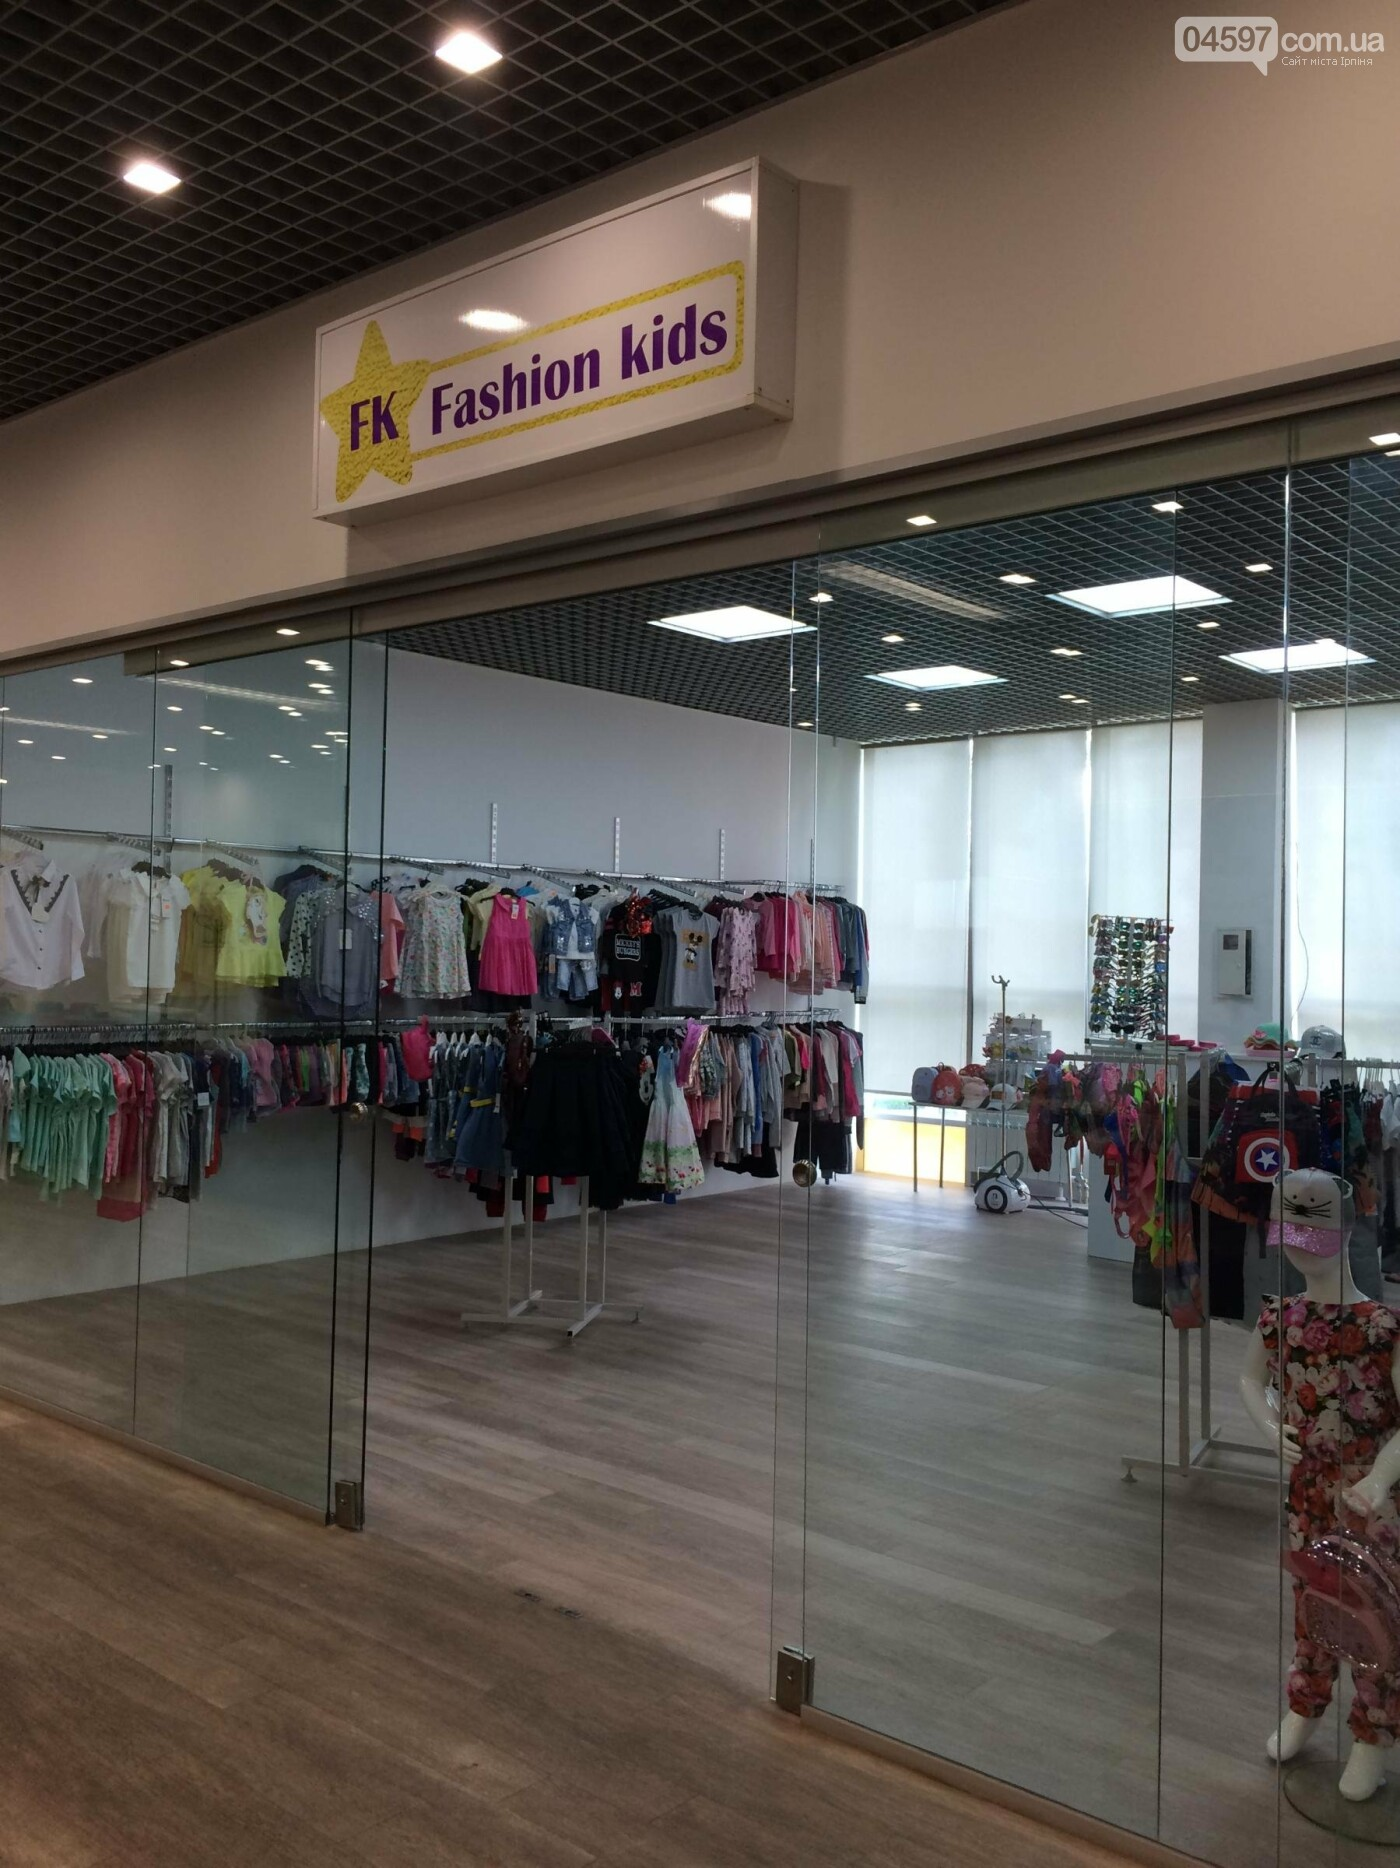 Де купити дитячий одяг в Ірпені: асортимент та ціни, фото-1